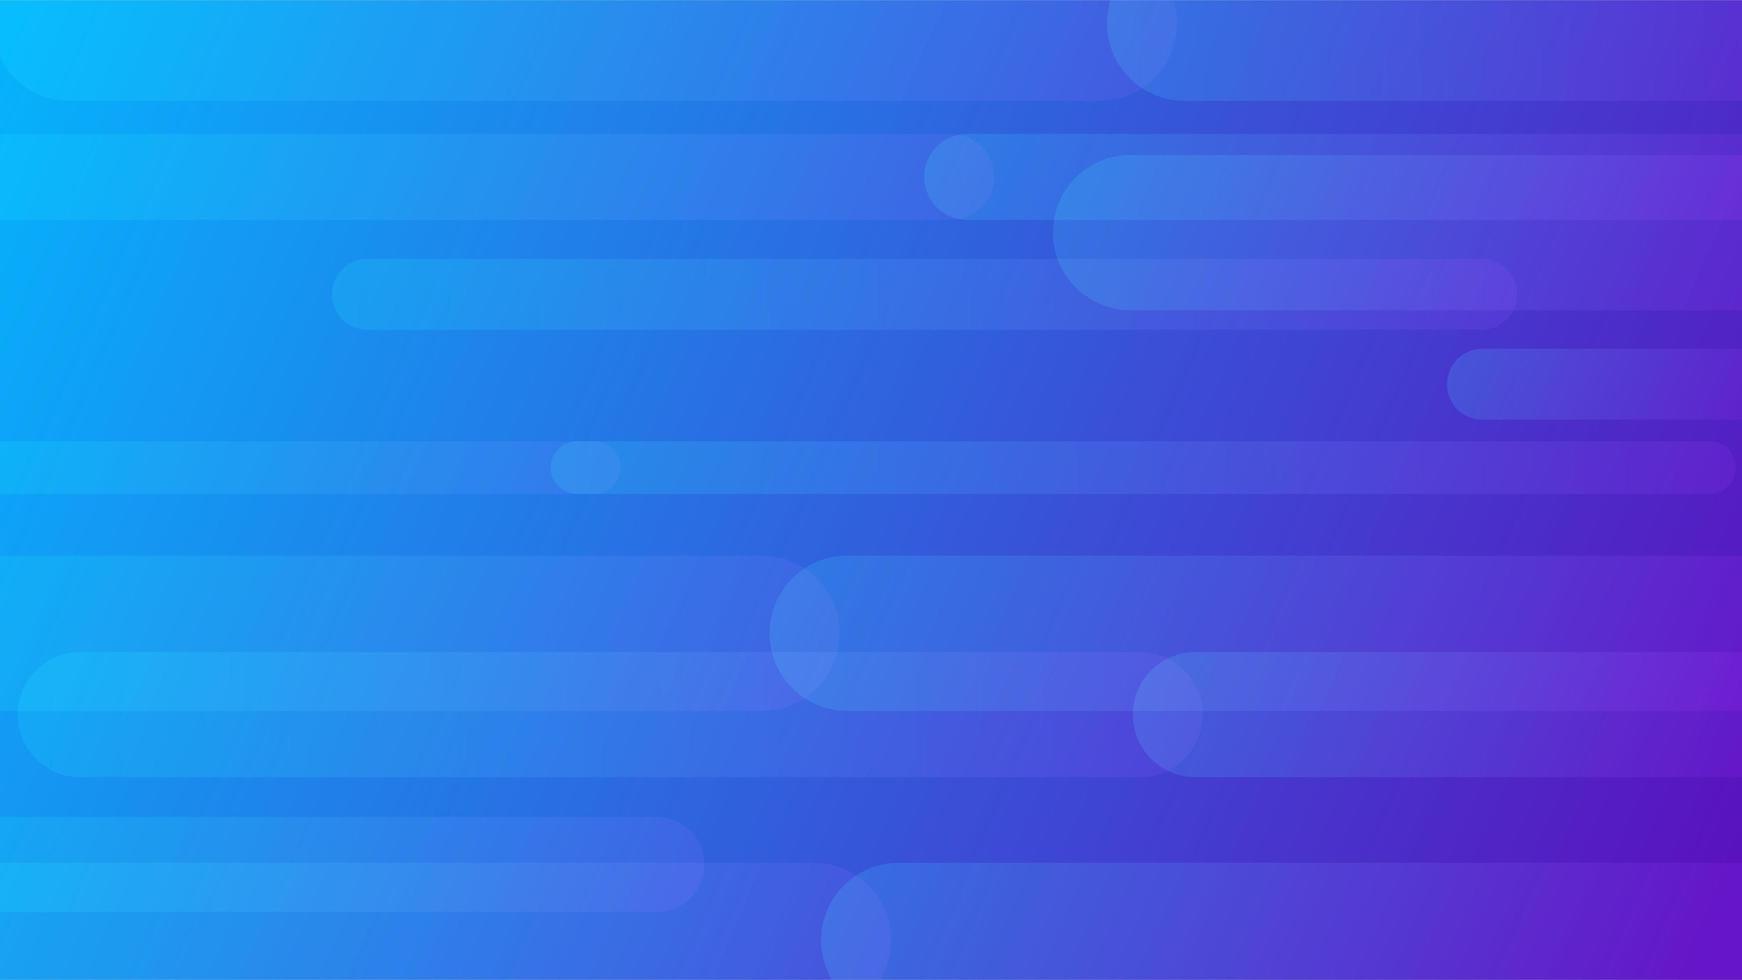 conception de rayures arrondies dynamiques dégradées bleu violet vecteur